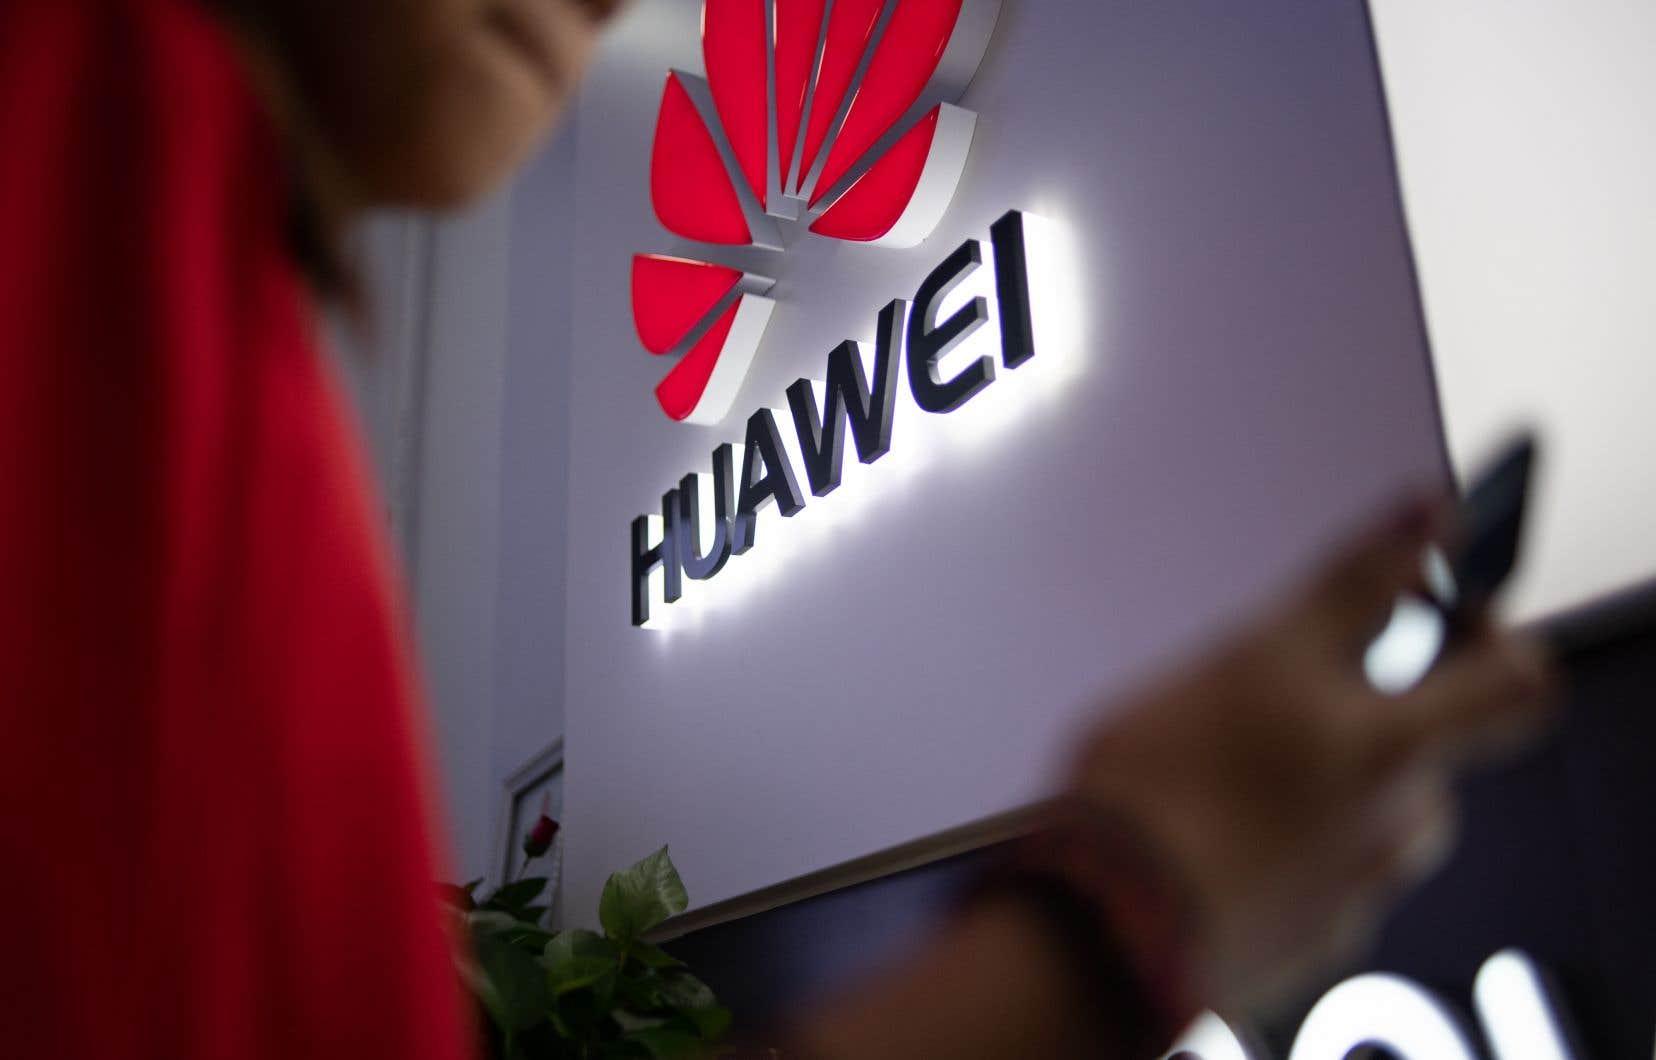 Huawei attend une décision du gouvernement fédéral pour déterminer si l'entreprise chinoise pourra fournir du matériel pour les réseaux sans fil 5G de prochaine génération dans le reste du pays.